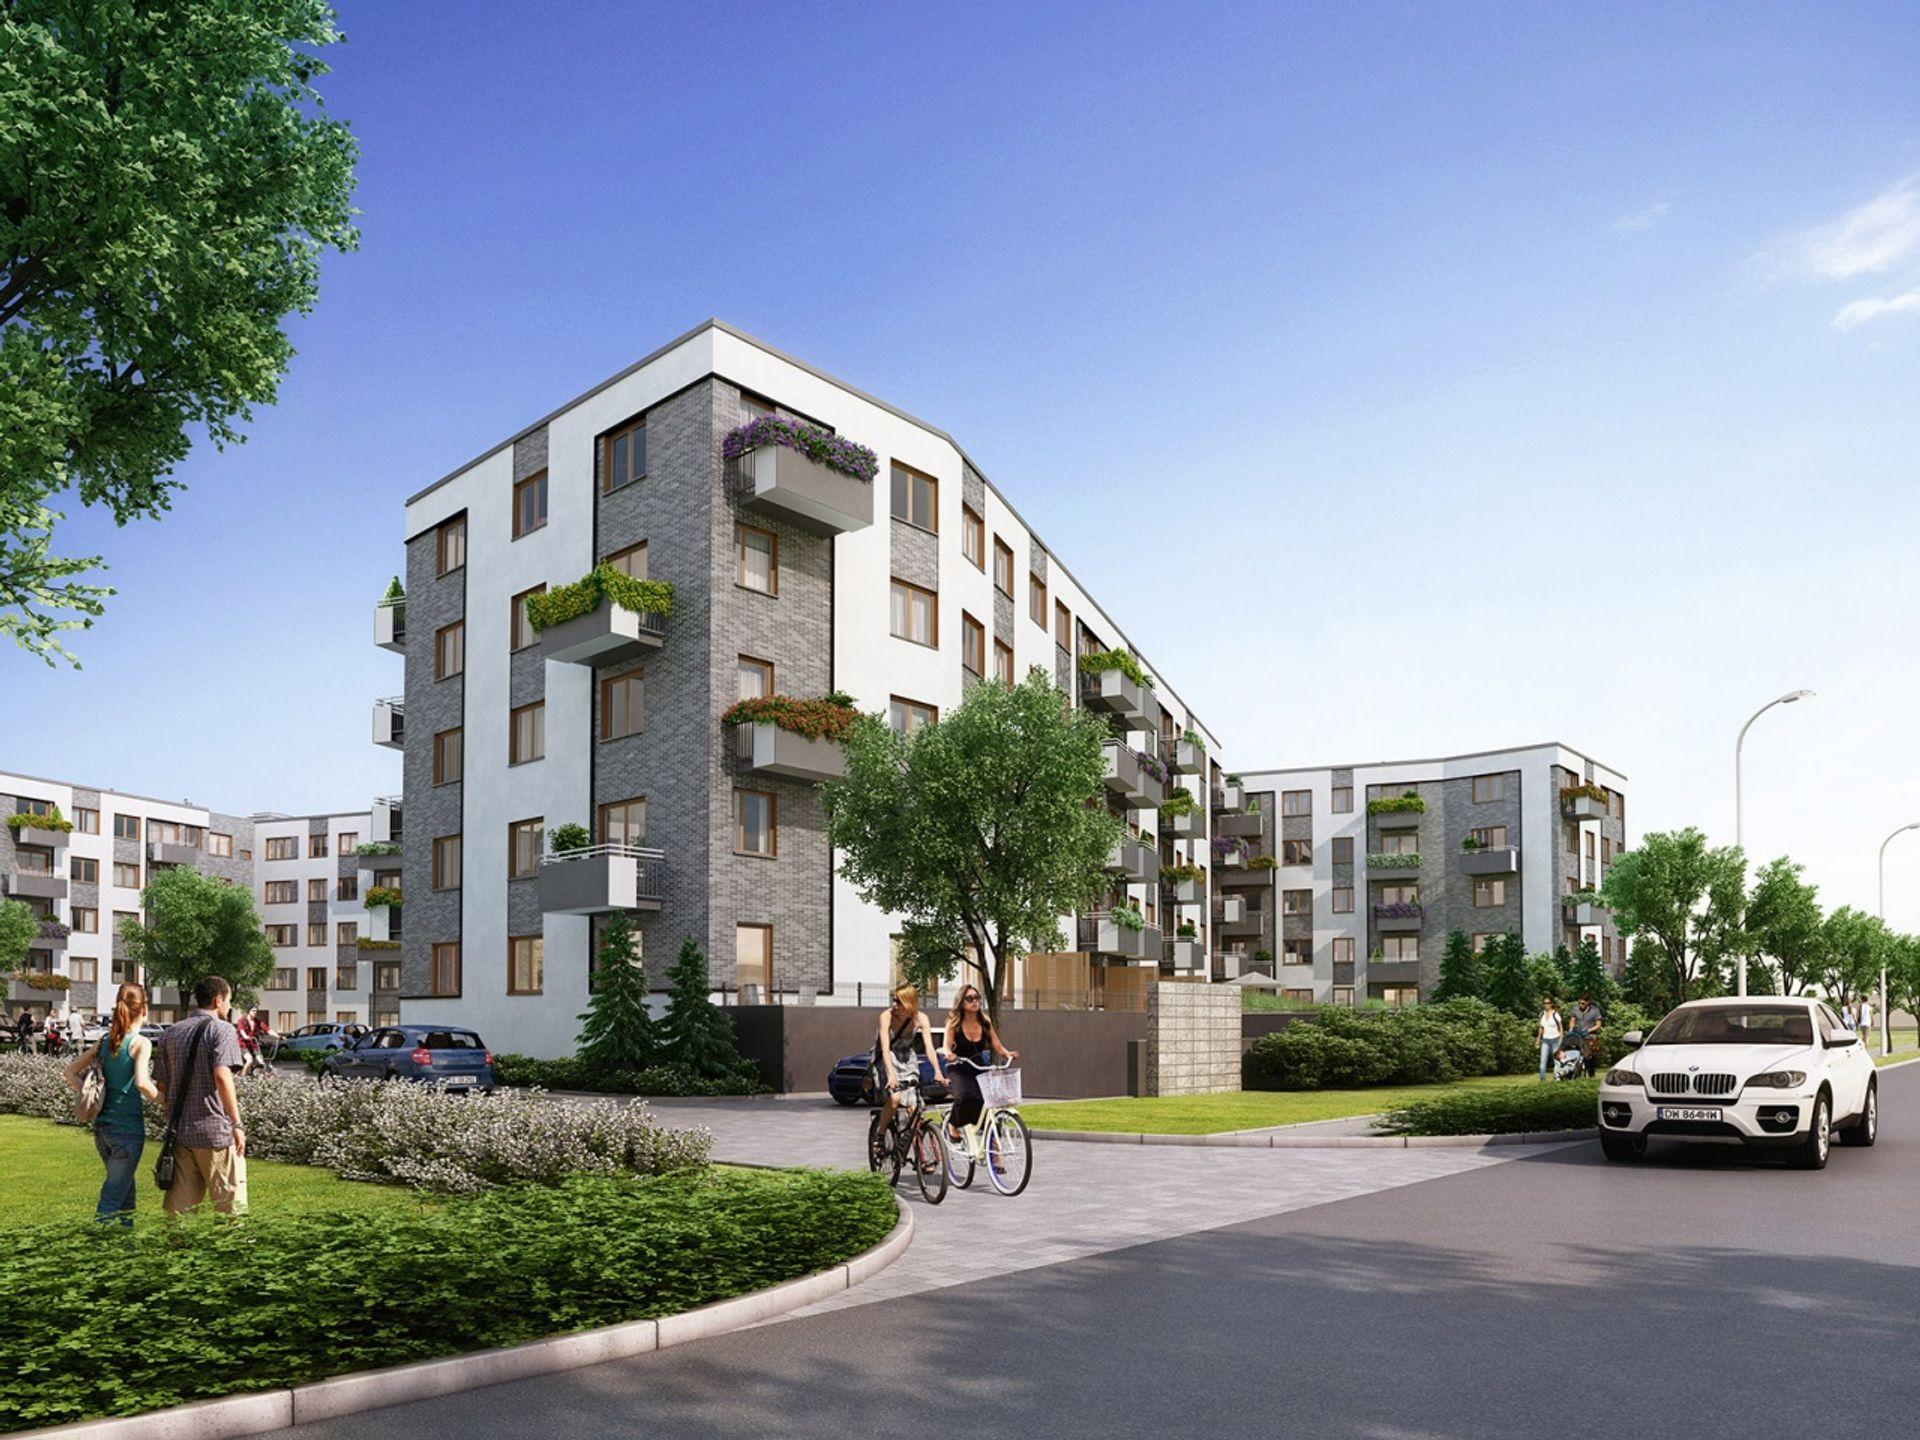 [Polska] Jak ustawa gruntowa wpłynie na rynek mieszkaniowy